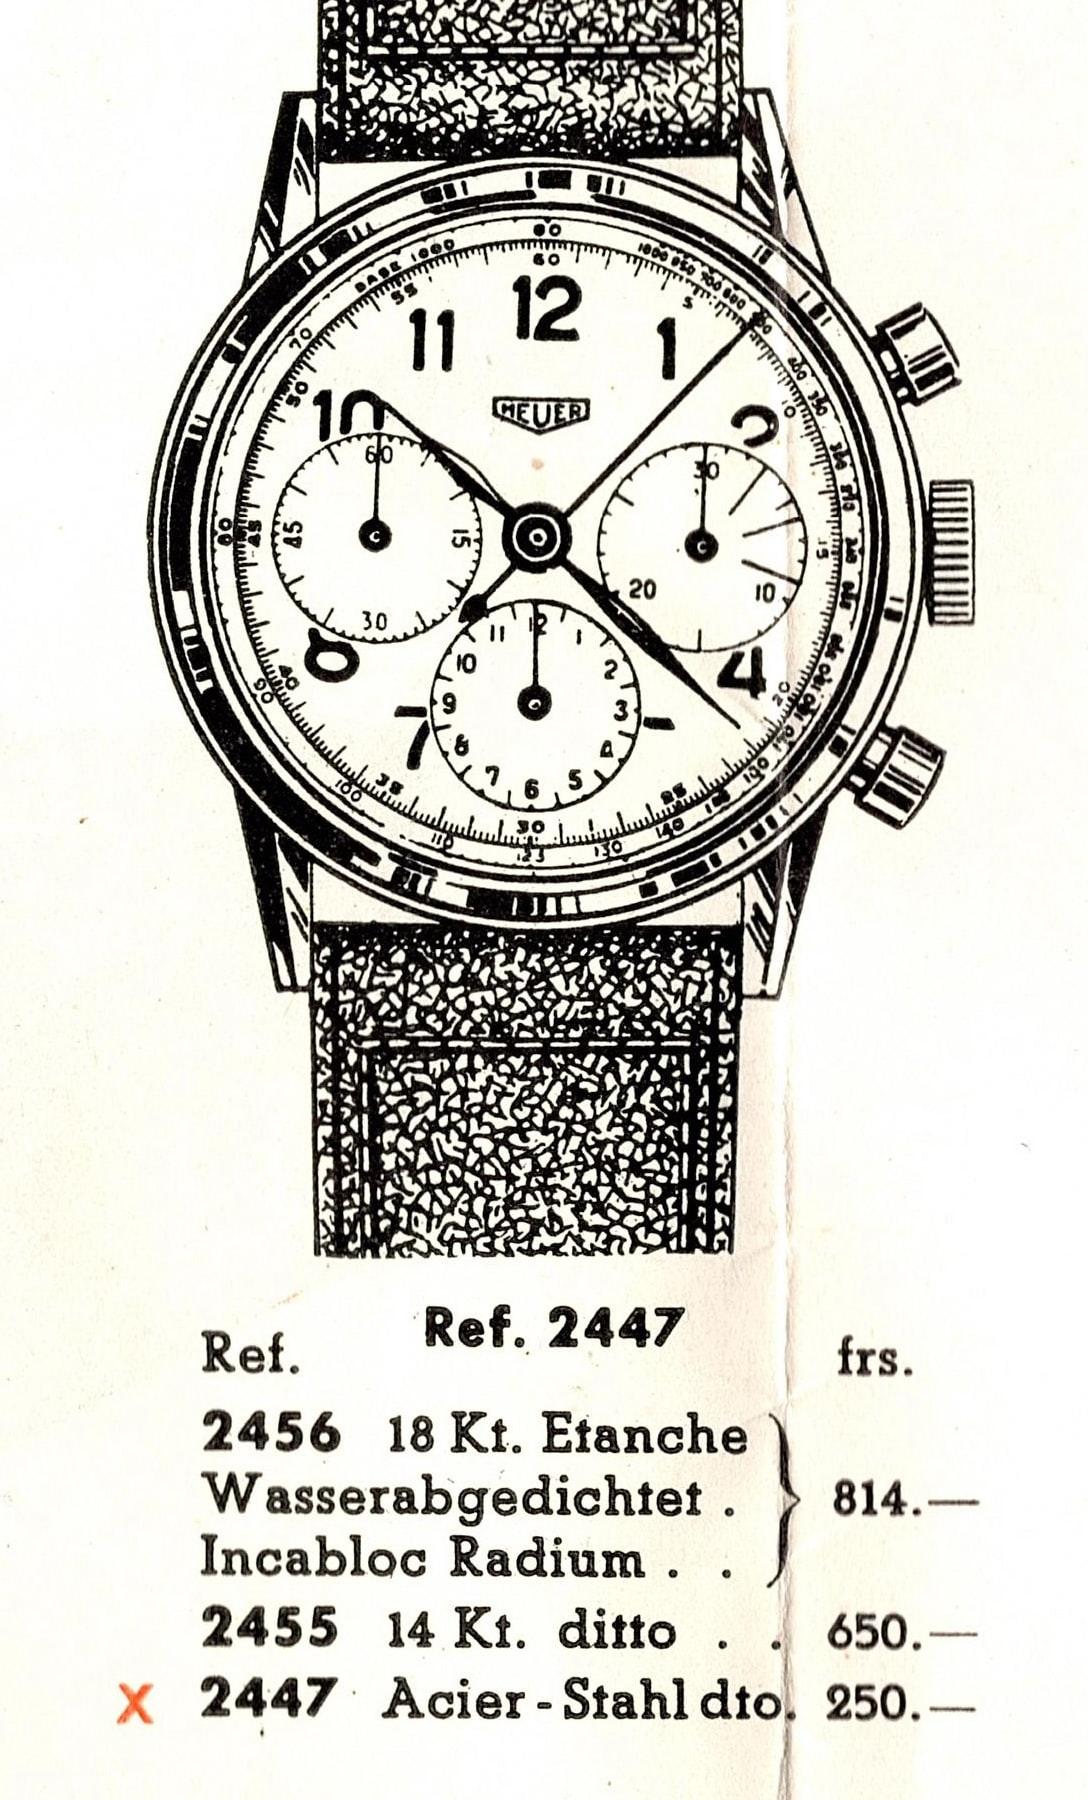 Ref2447_1943Brochure.jpg?ixlib=rails-1.1